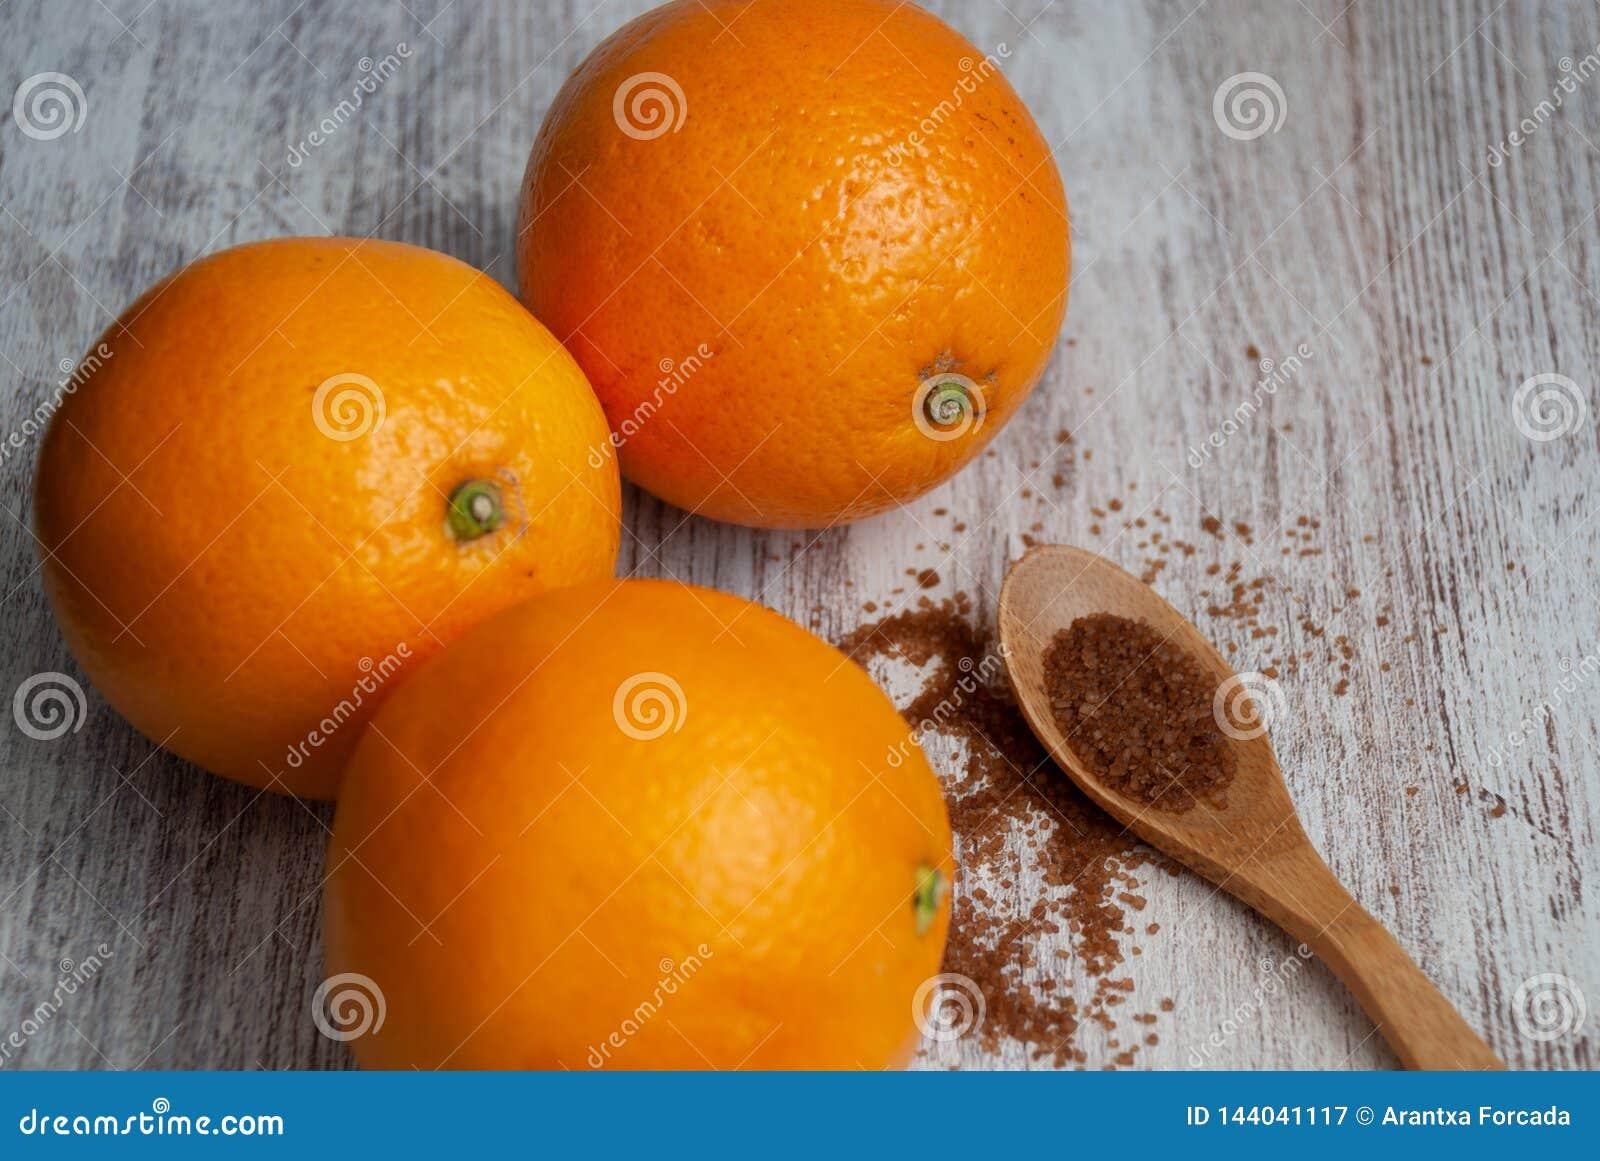 Взгляд сверху 3 апельсинов на белой деревянной предпосылке